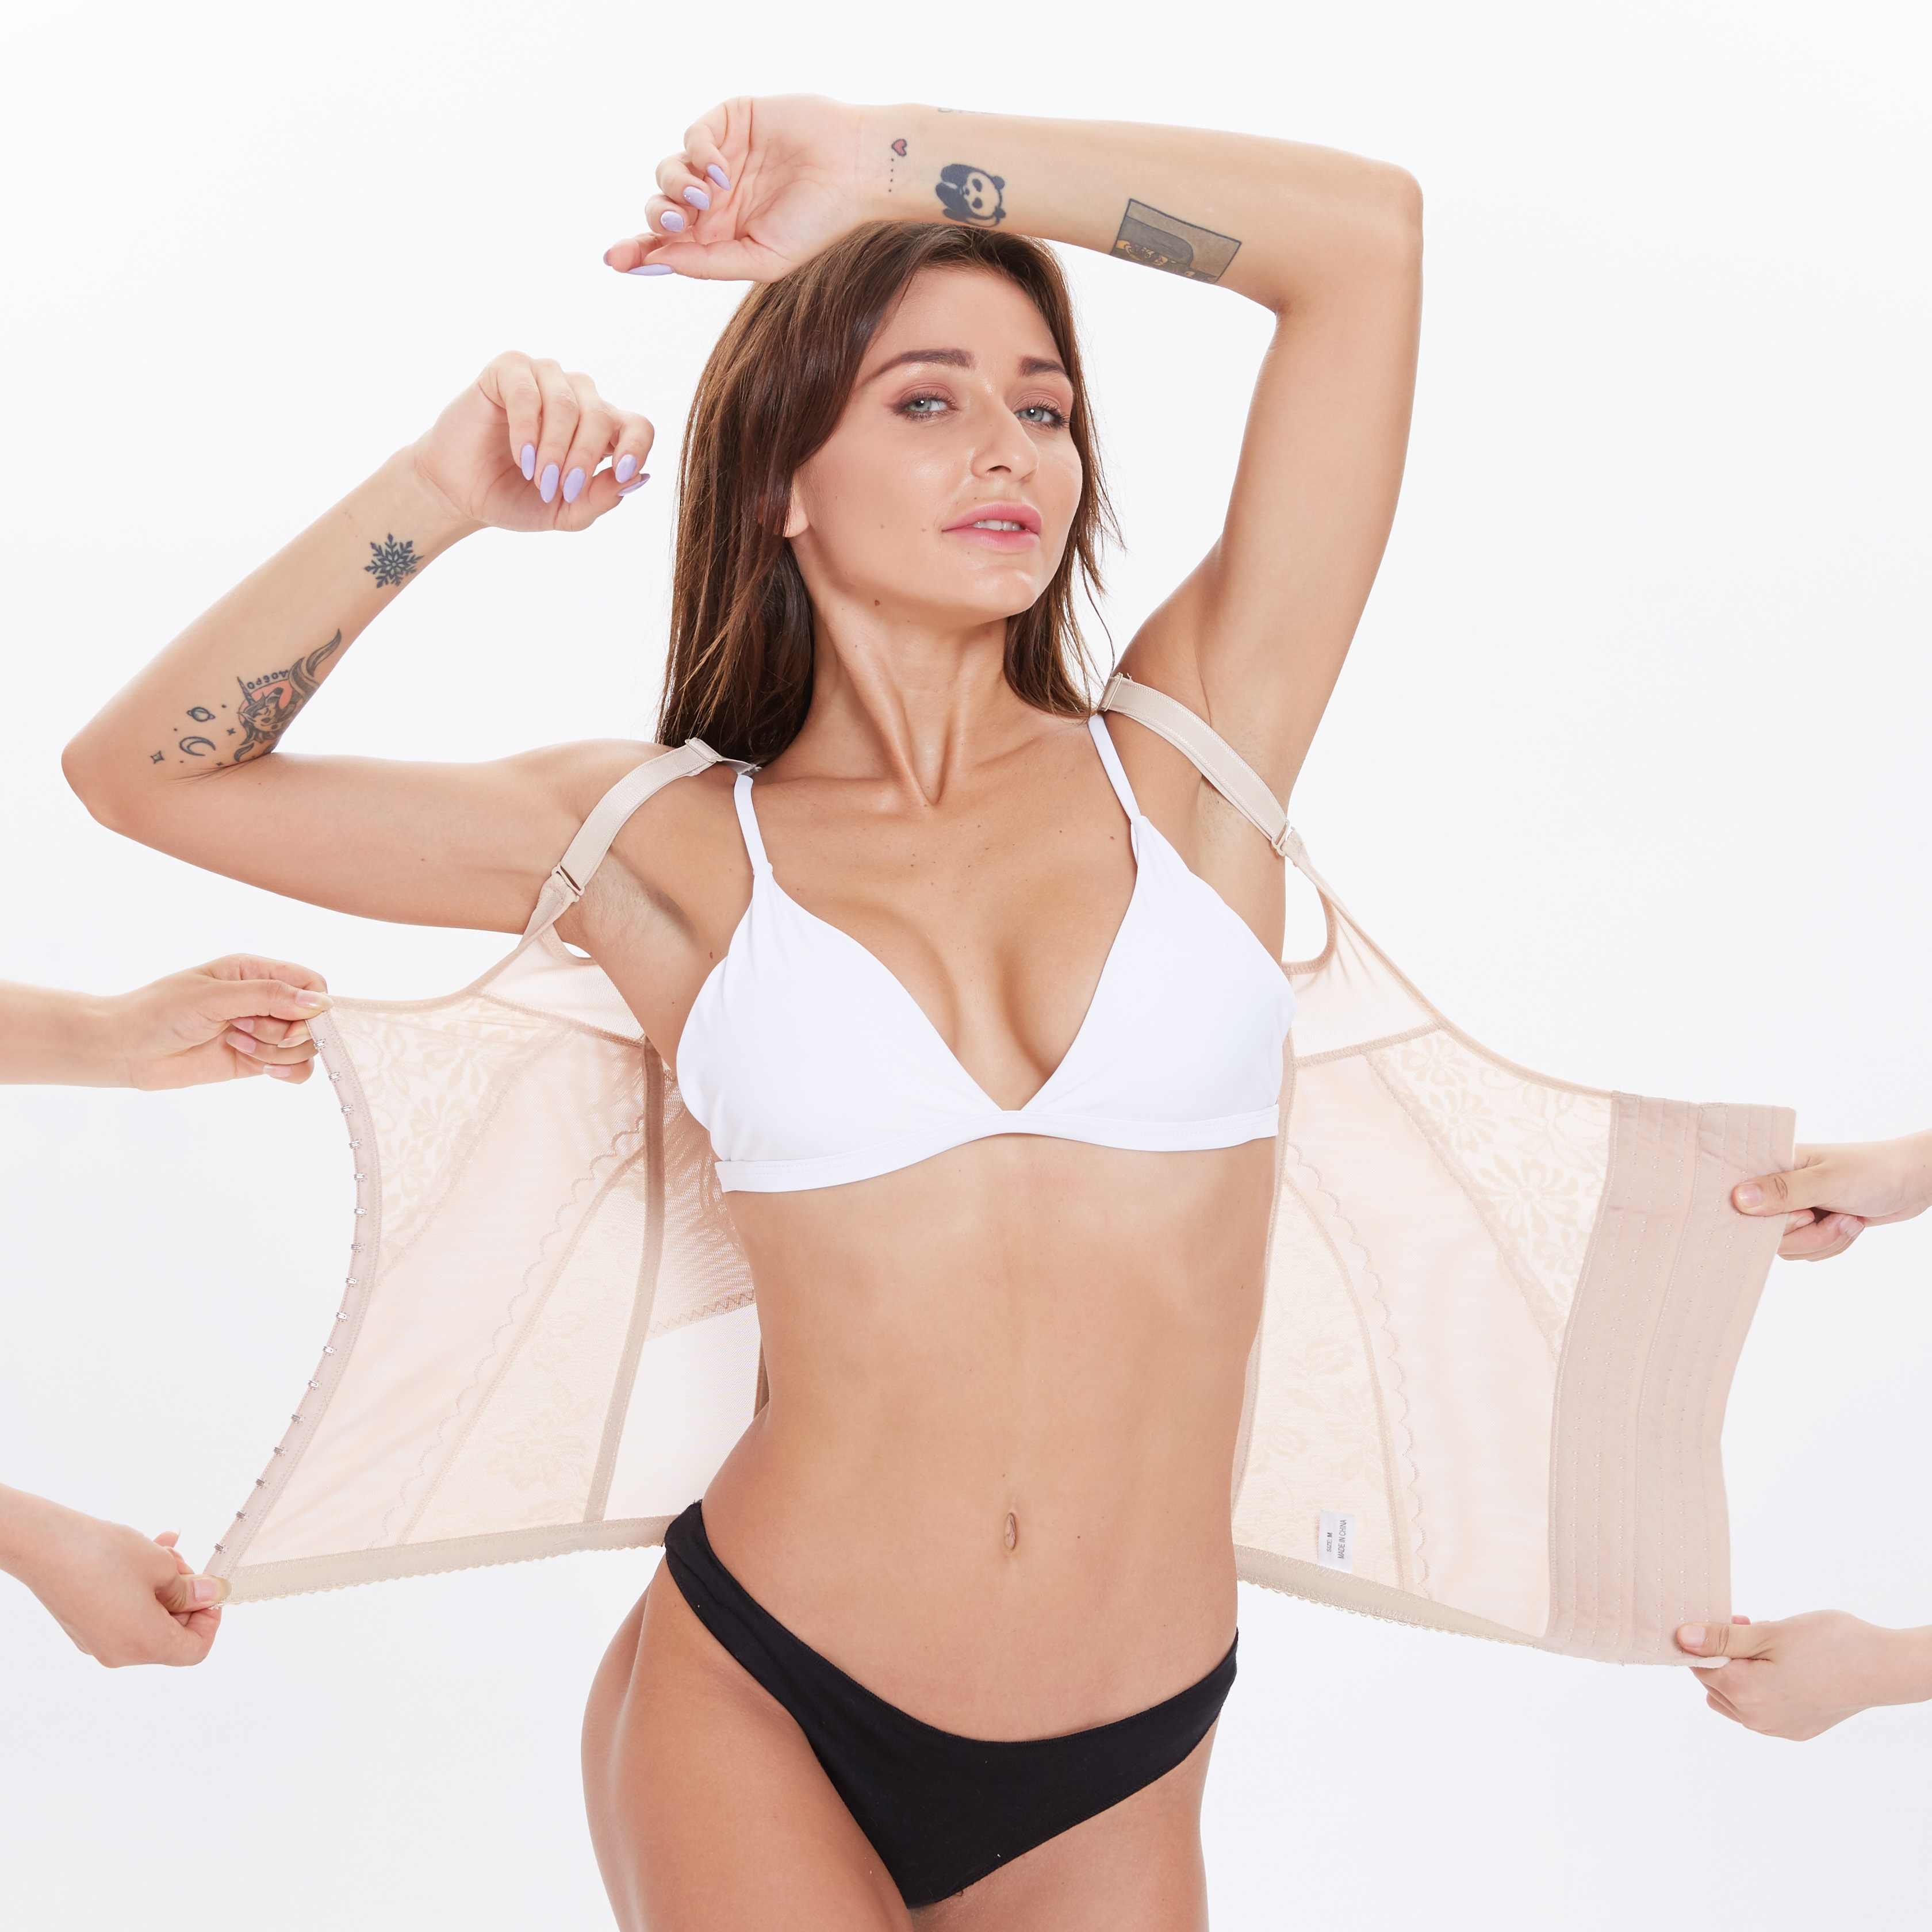 корсет корсет женский карсетые сексуальные корсеты сексуальные готическая одежда корсет для спины утягивающее белье